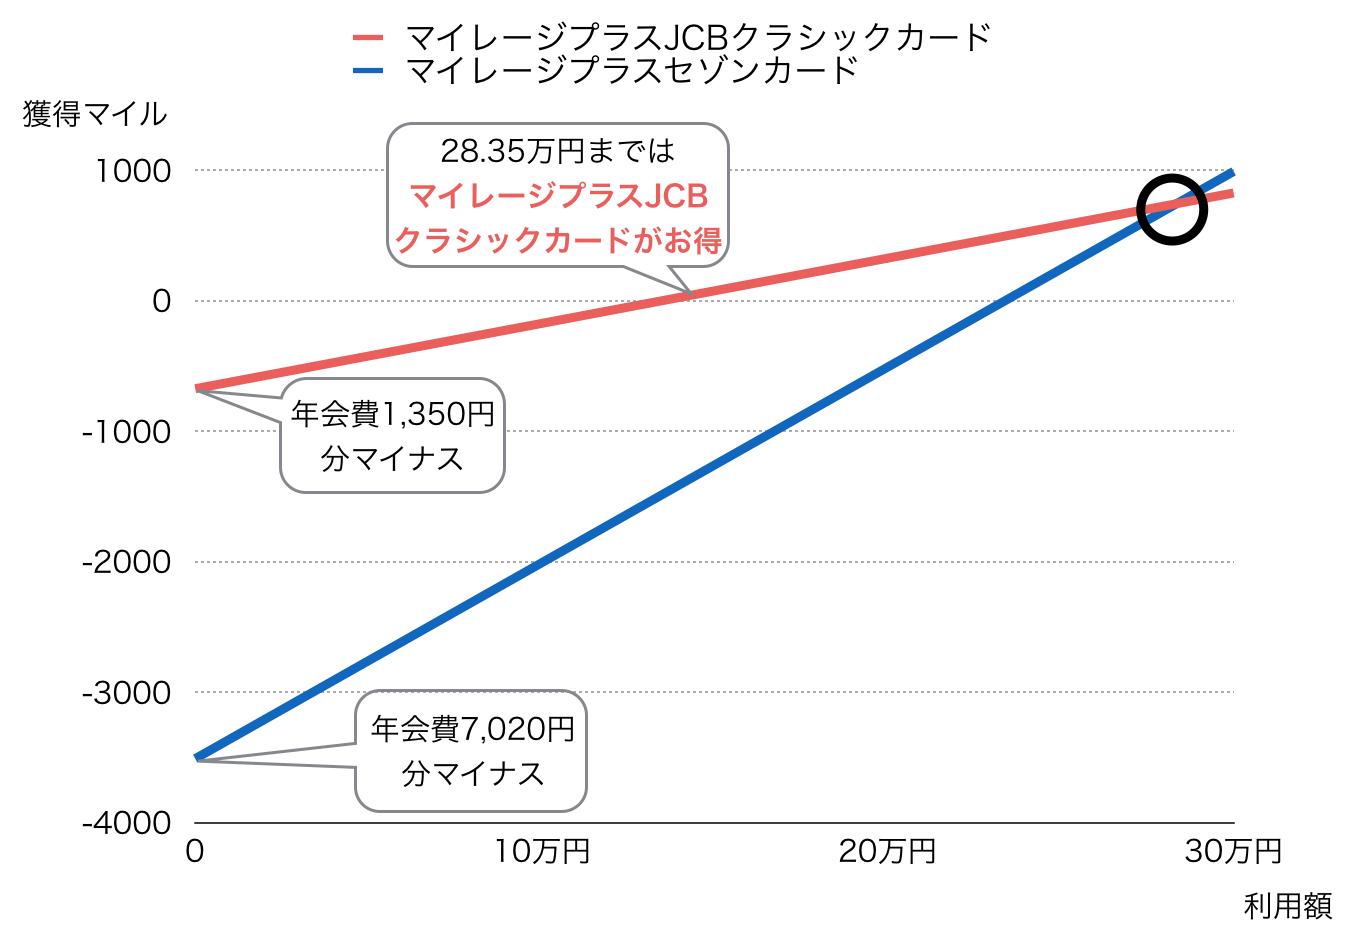 マイレージプラスカード グラフ比較